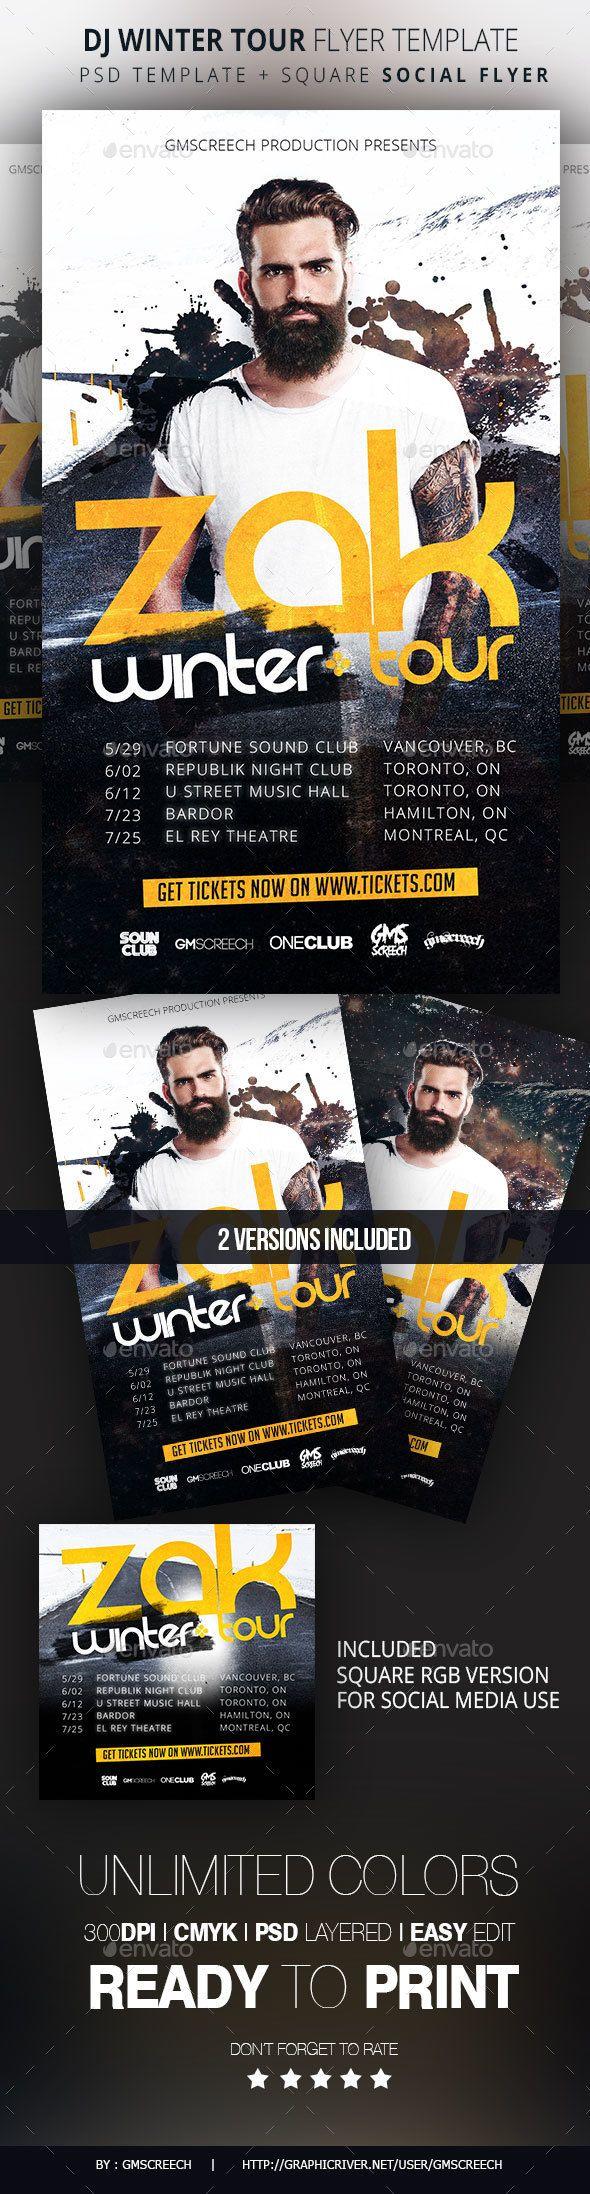 Dj Winter Tour Dates Flyer Template Pinterest Flyer Template Dj